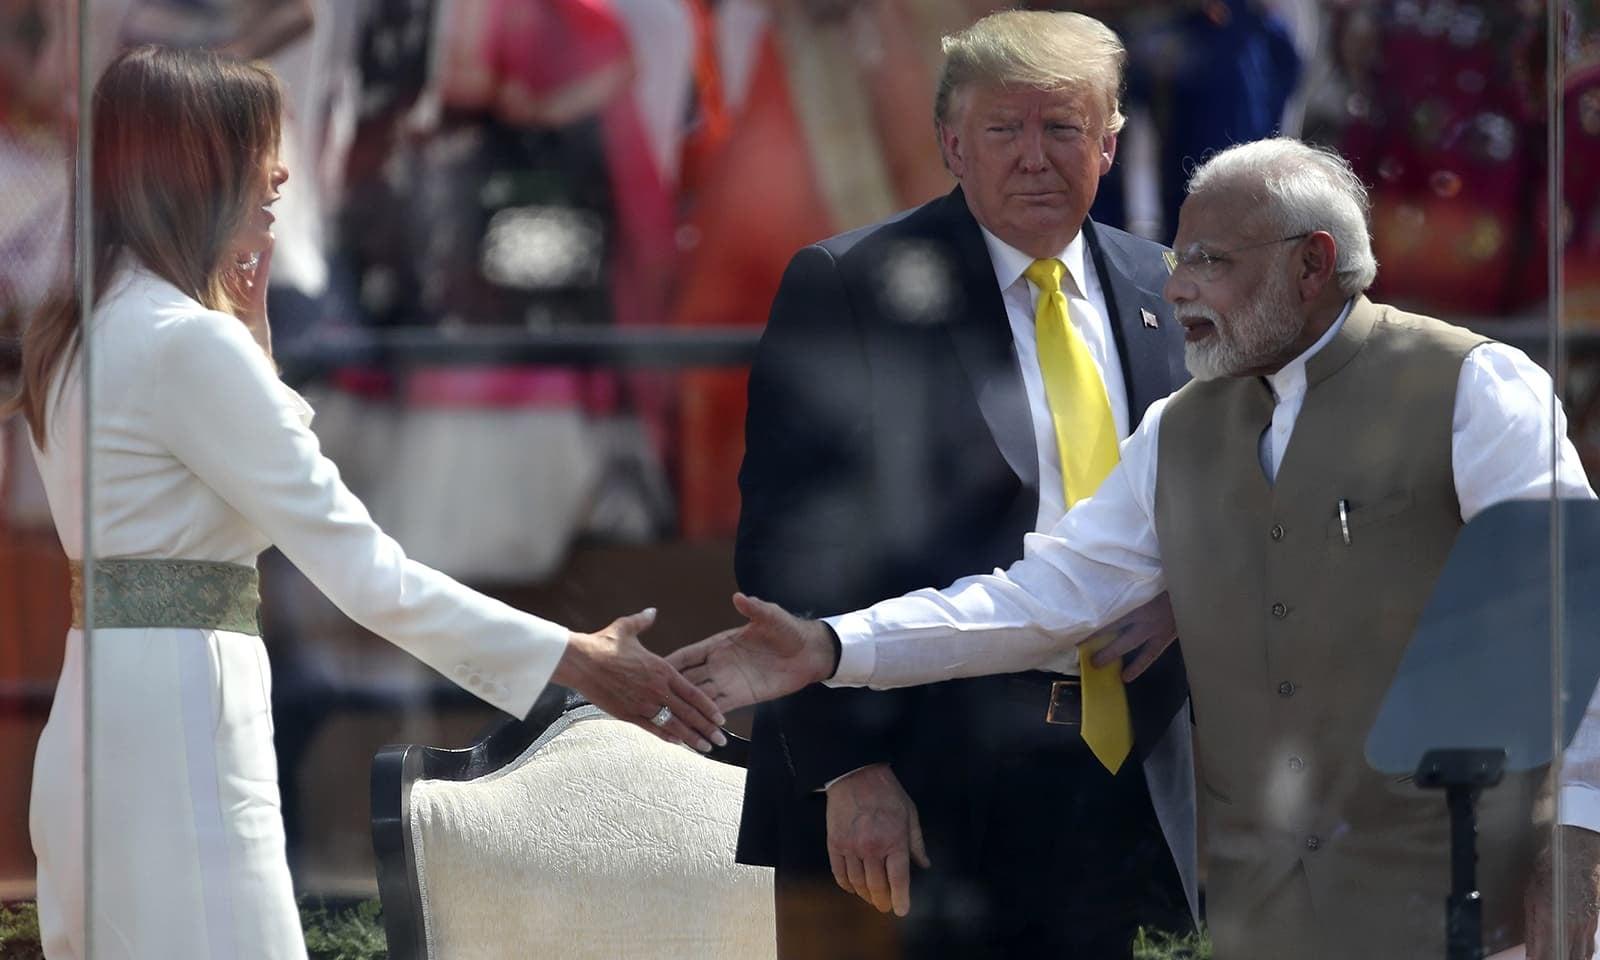 بھارتی وزیراعظم نریندر مودی امریکی خاتون اول سے مصافحہ کررہے ہیں — فوٹو: اے پی